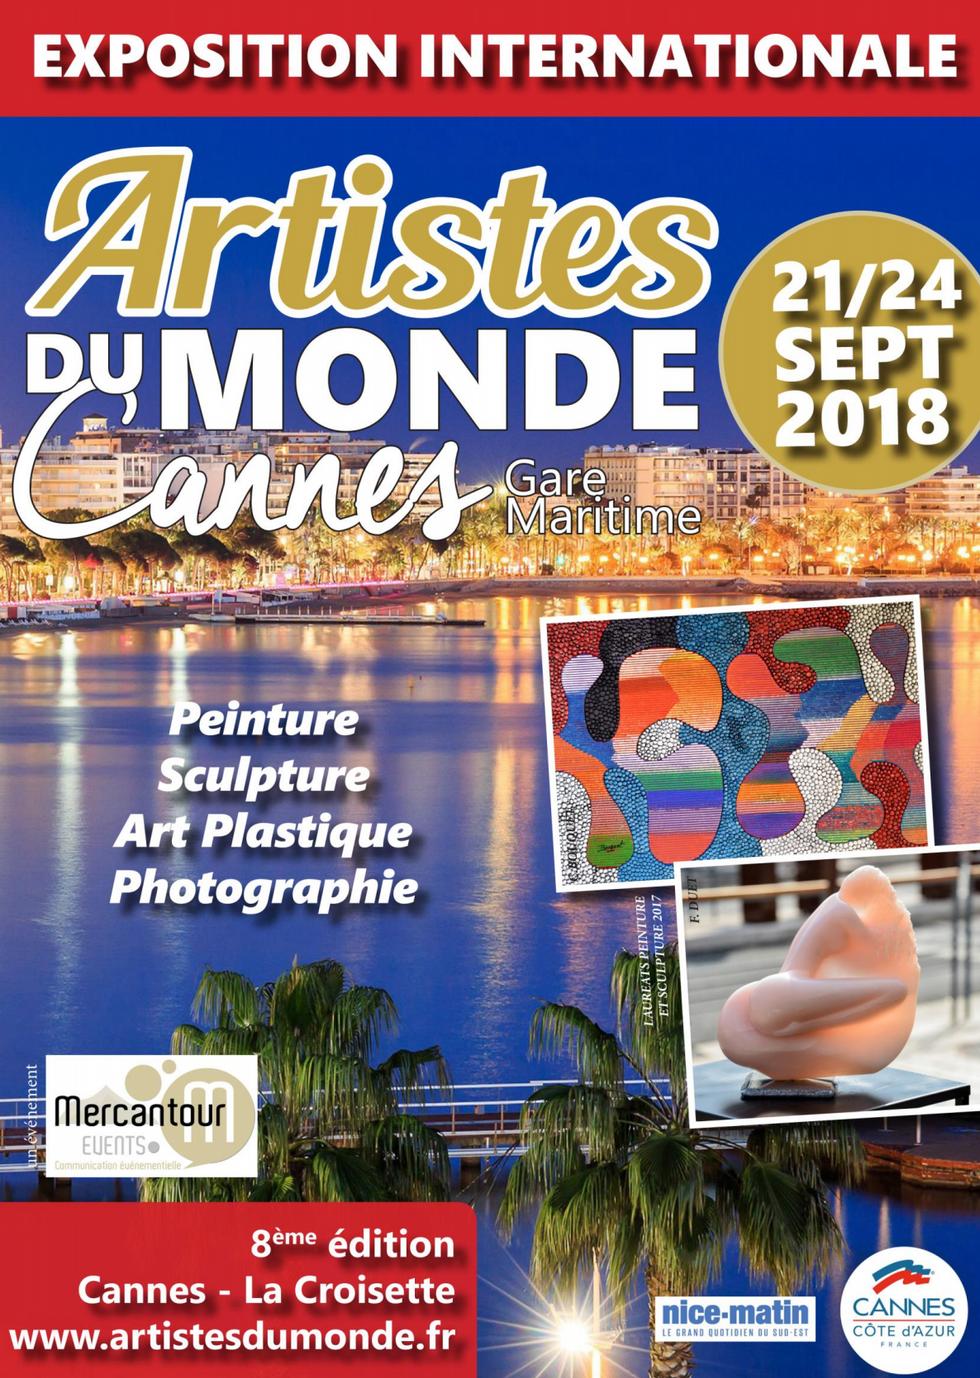 ARTISTES DU MONDE Cannes 2018